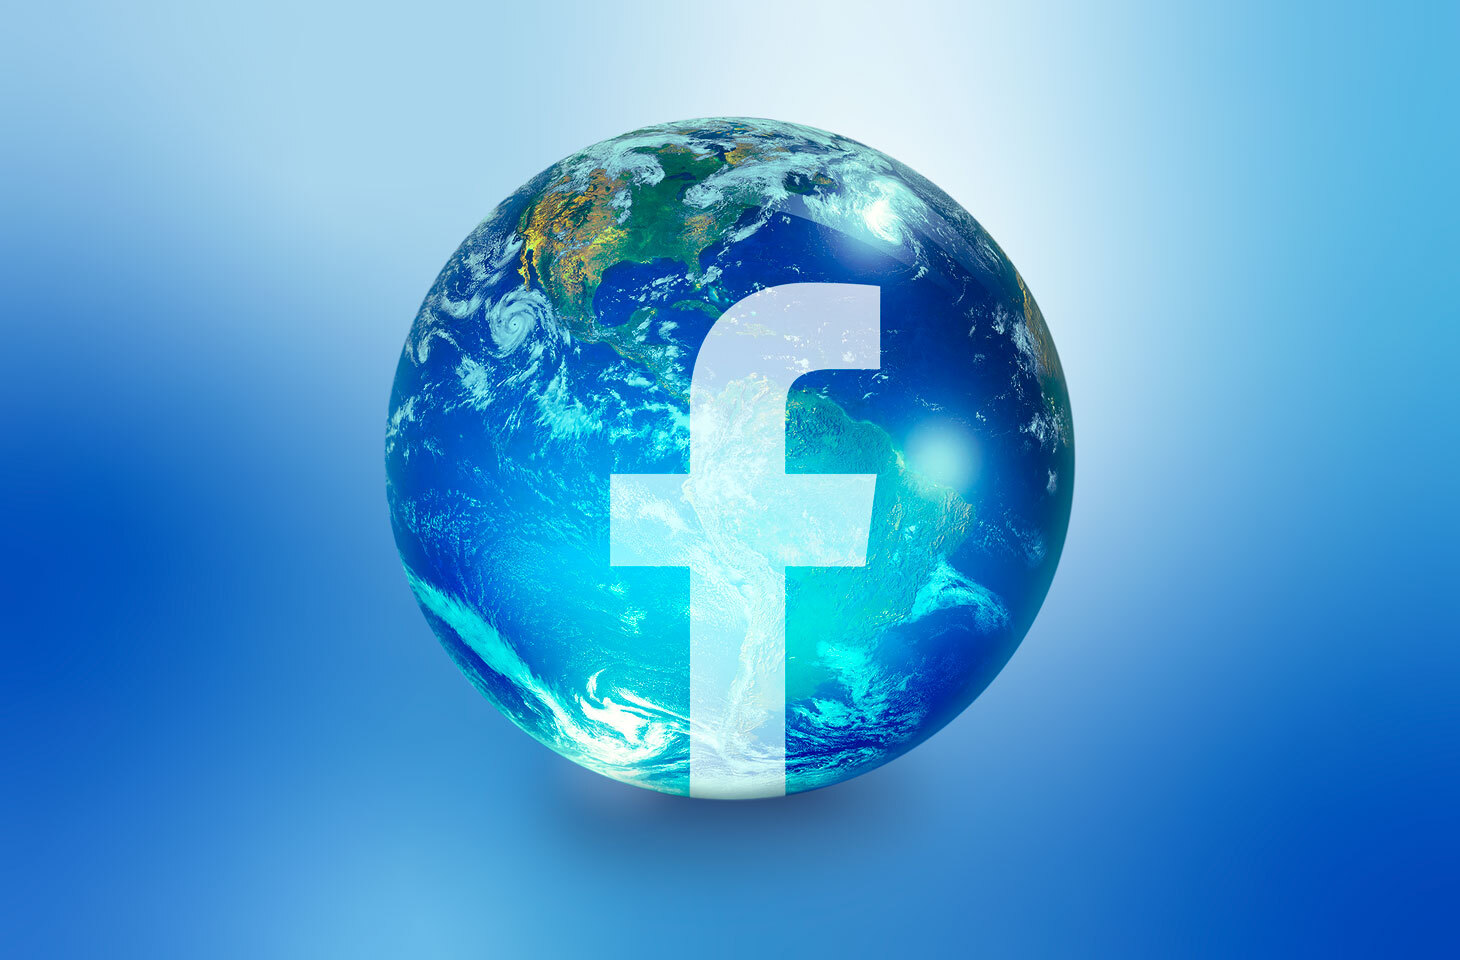 فيس بوك يعفي المشاهير من تطبيق قواعد المحتوى - تقرير